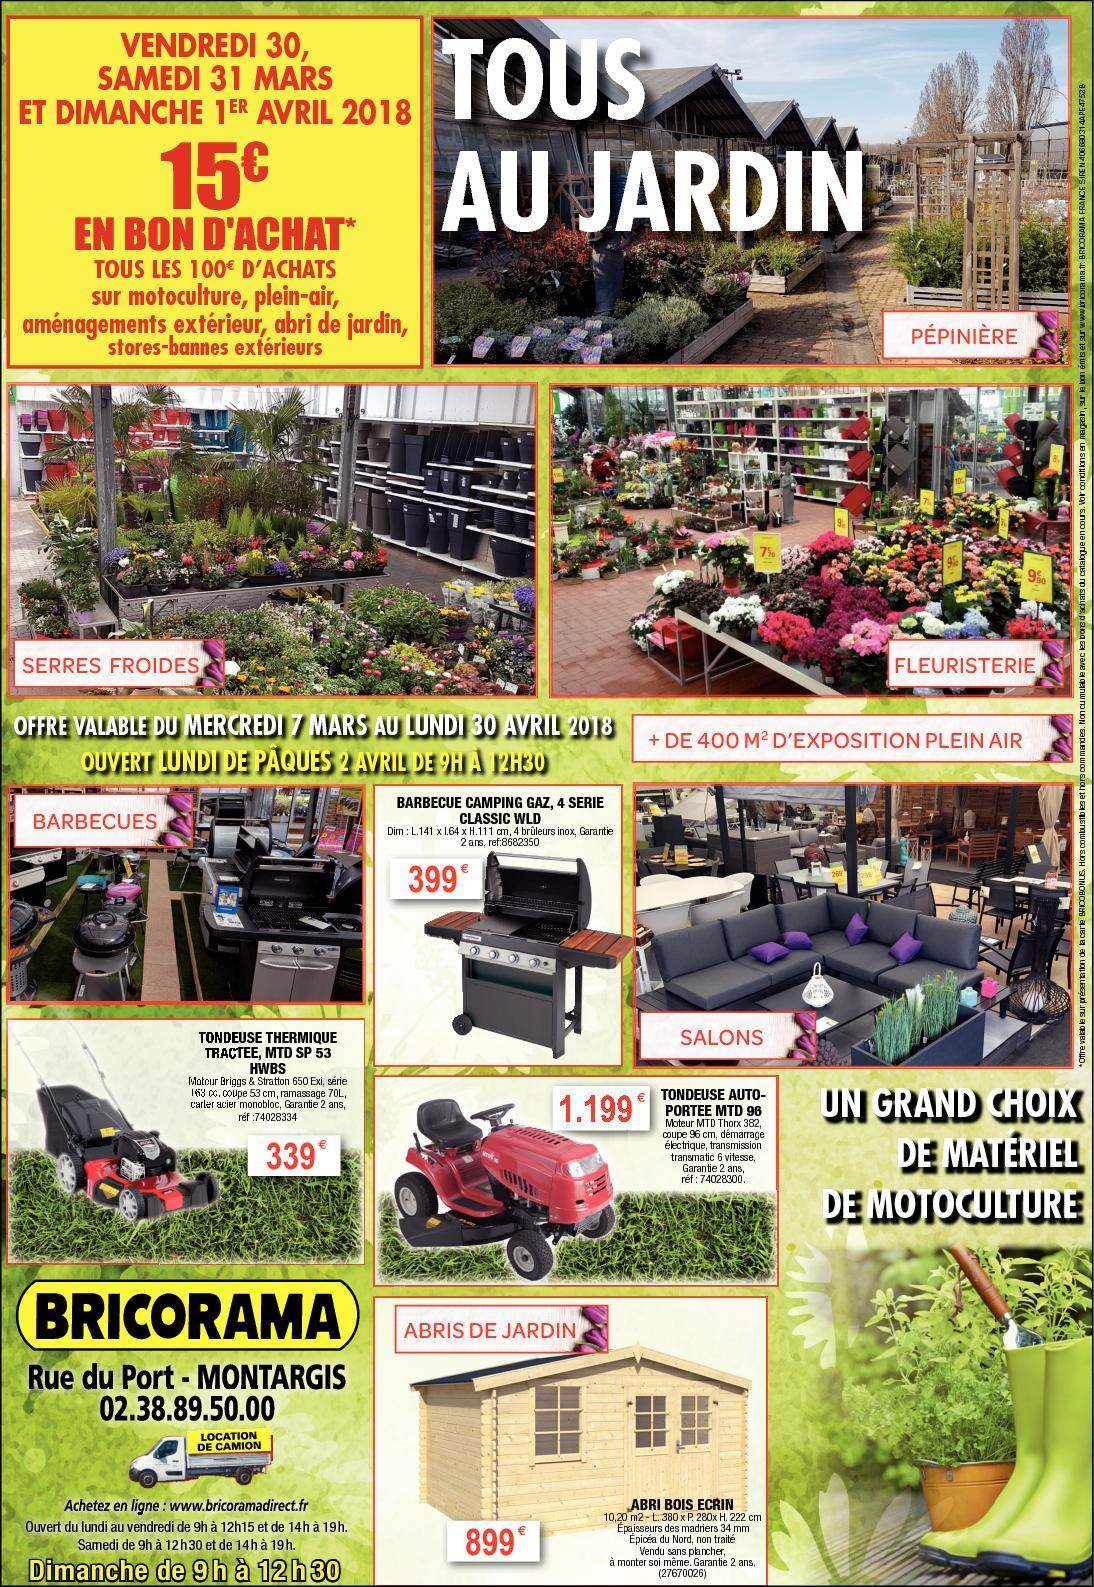 Abri De Jardin En Bois A Monter Soi Meme jardinage - l'eclaireur du gatinais - calameo downloader